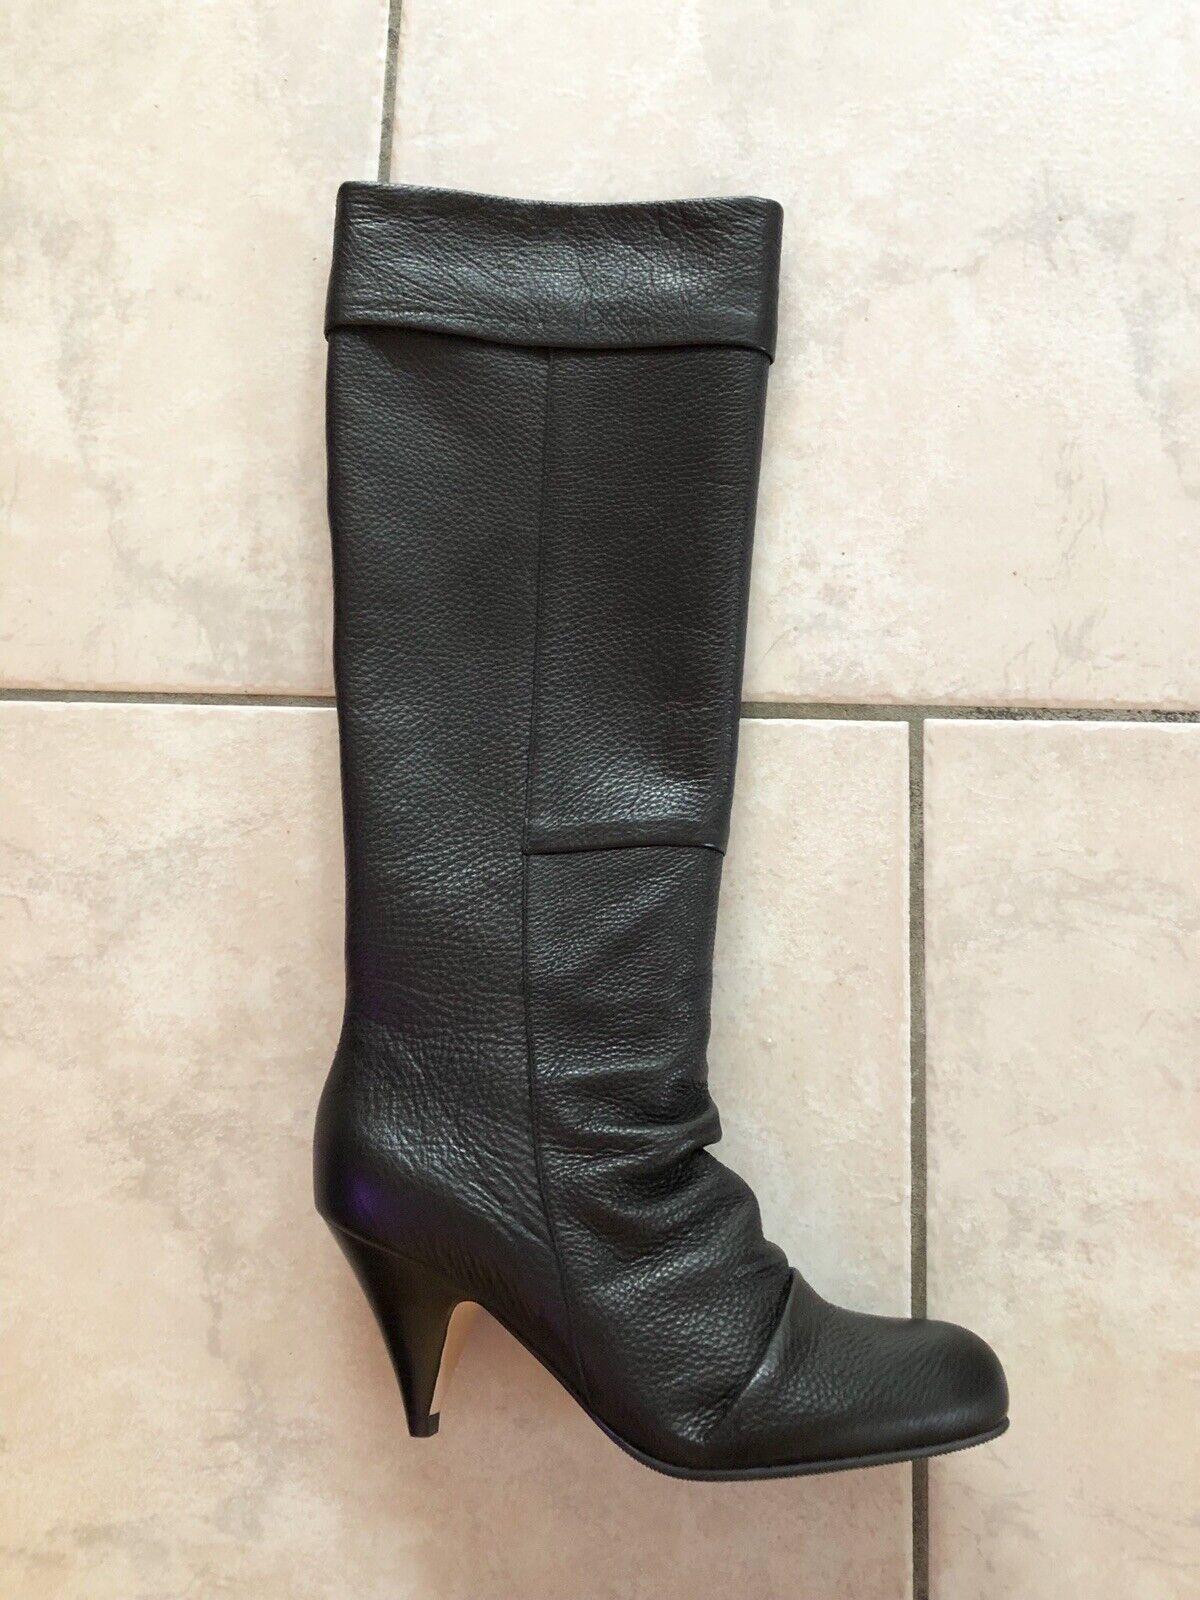 Stiefel von Buffalo London, Größe 39, neu und ungetragen, Echtleder, NP ca